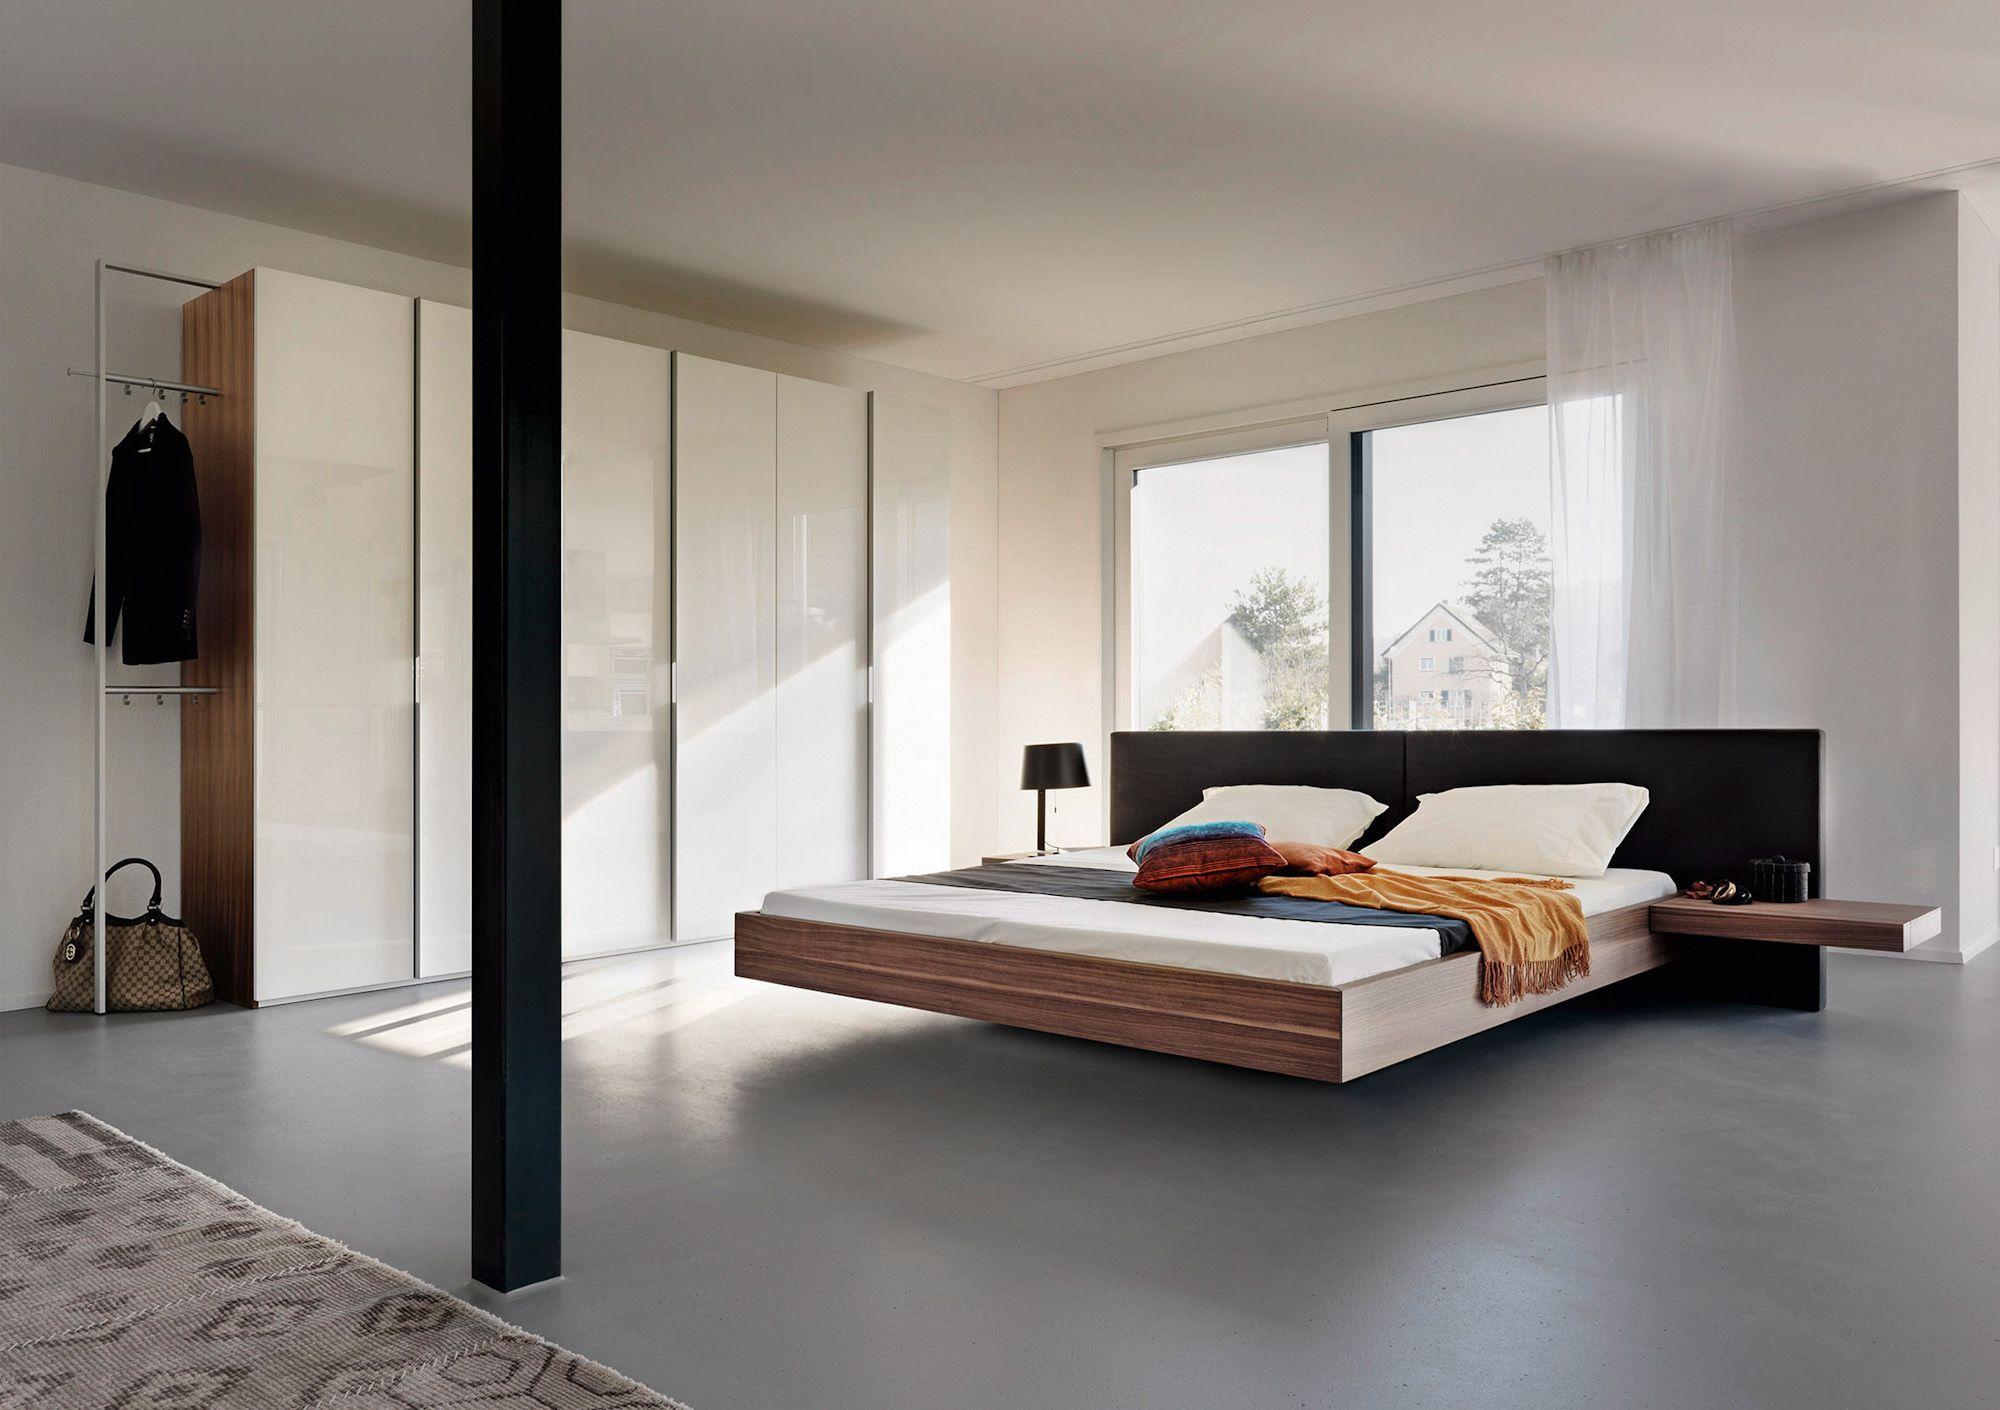 Popular Schlafzimmer Kleiderschrank Doppelbett Nachttische Nussbaum massiv ge lt bei M bel Morschett SCHLAFEN Pinterest